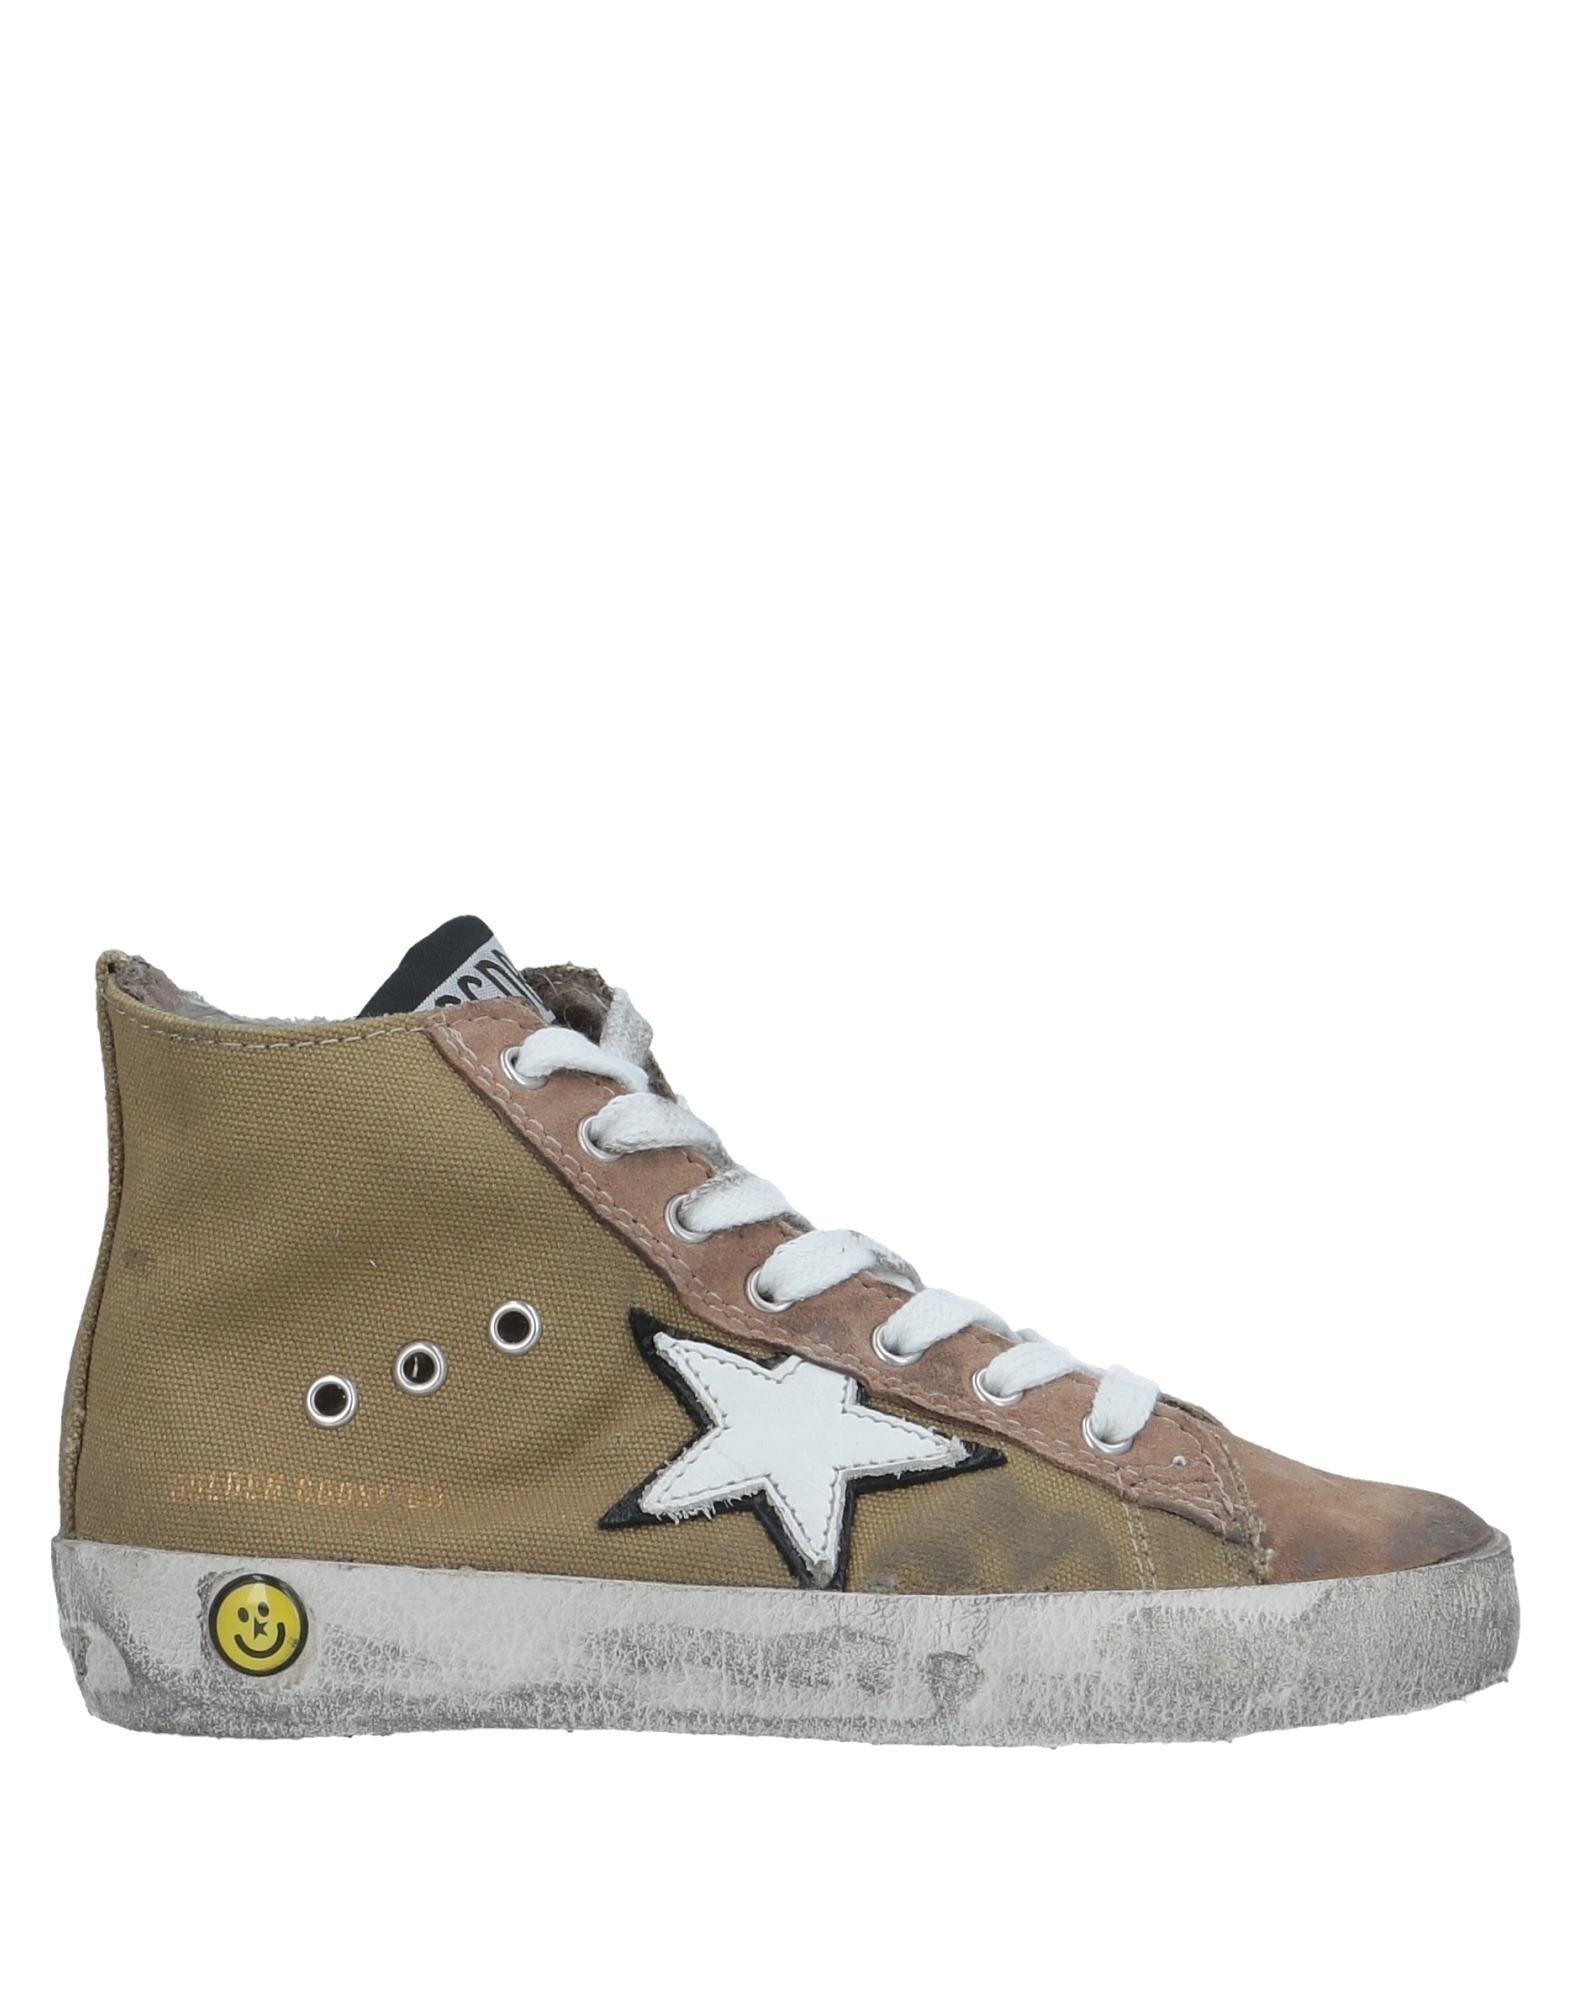 e5df048b5 golden goose deluxe brand calzado sneakers abotinadas on yoox.com verde  militar